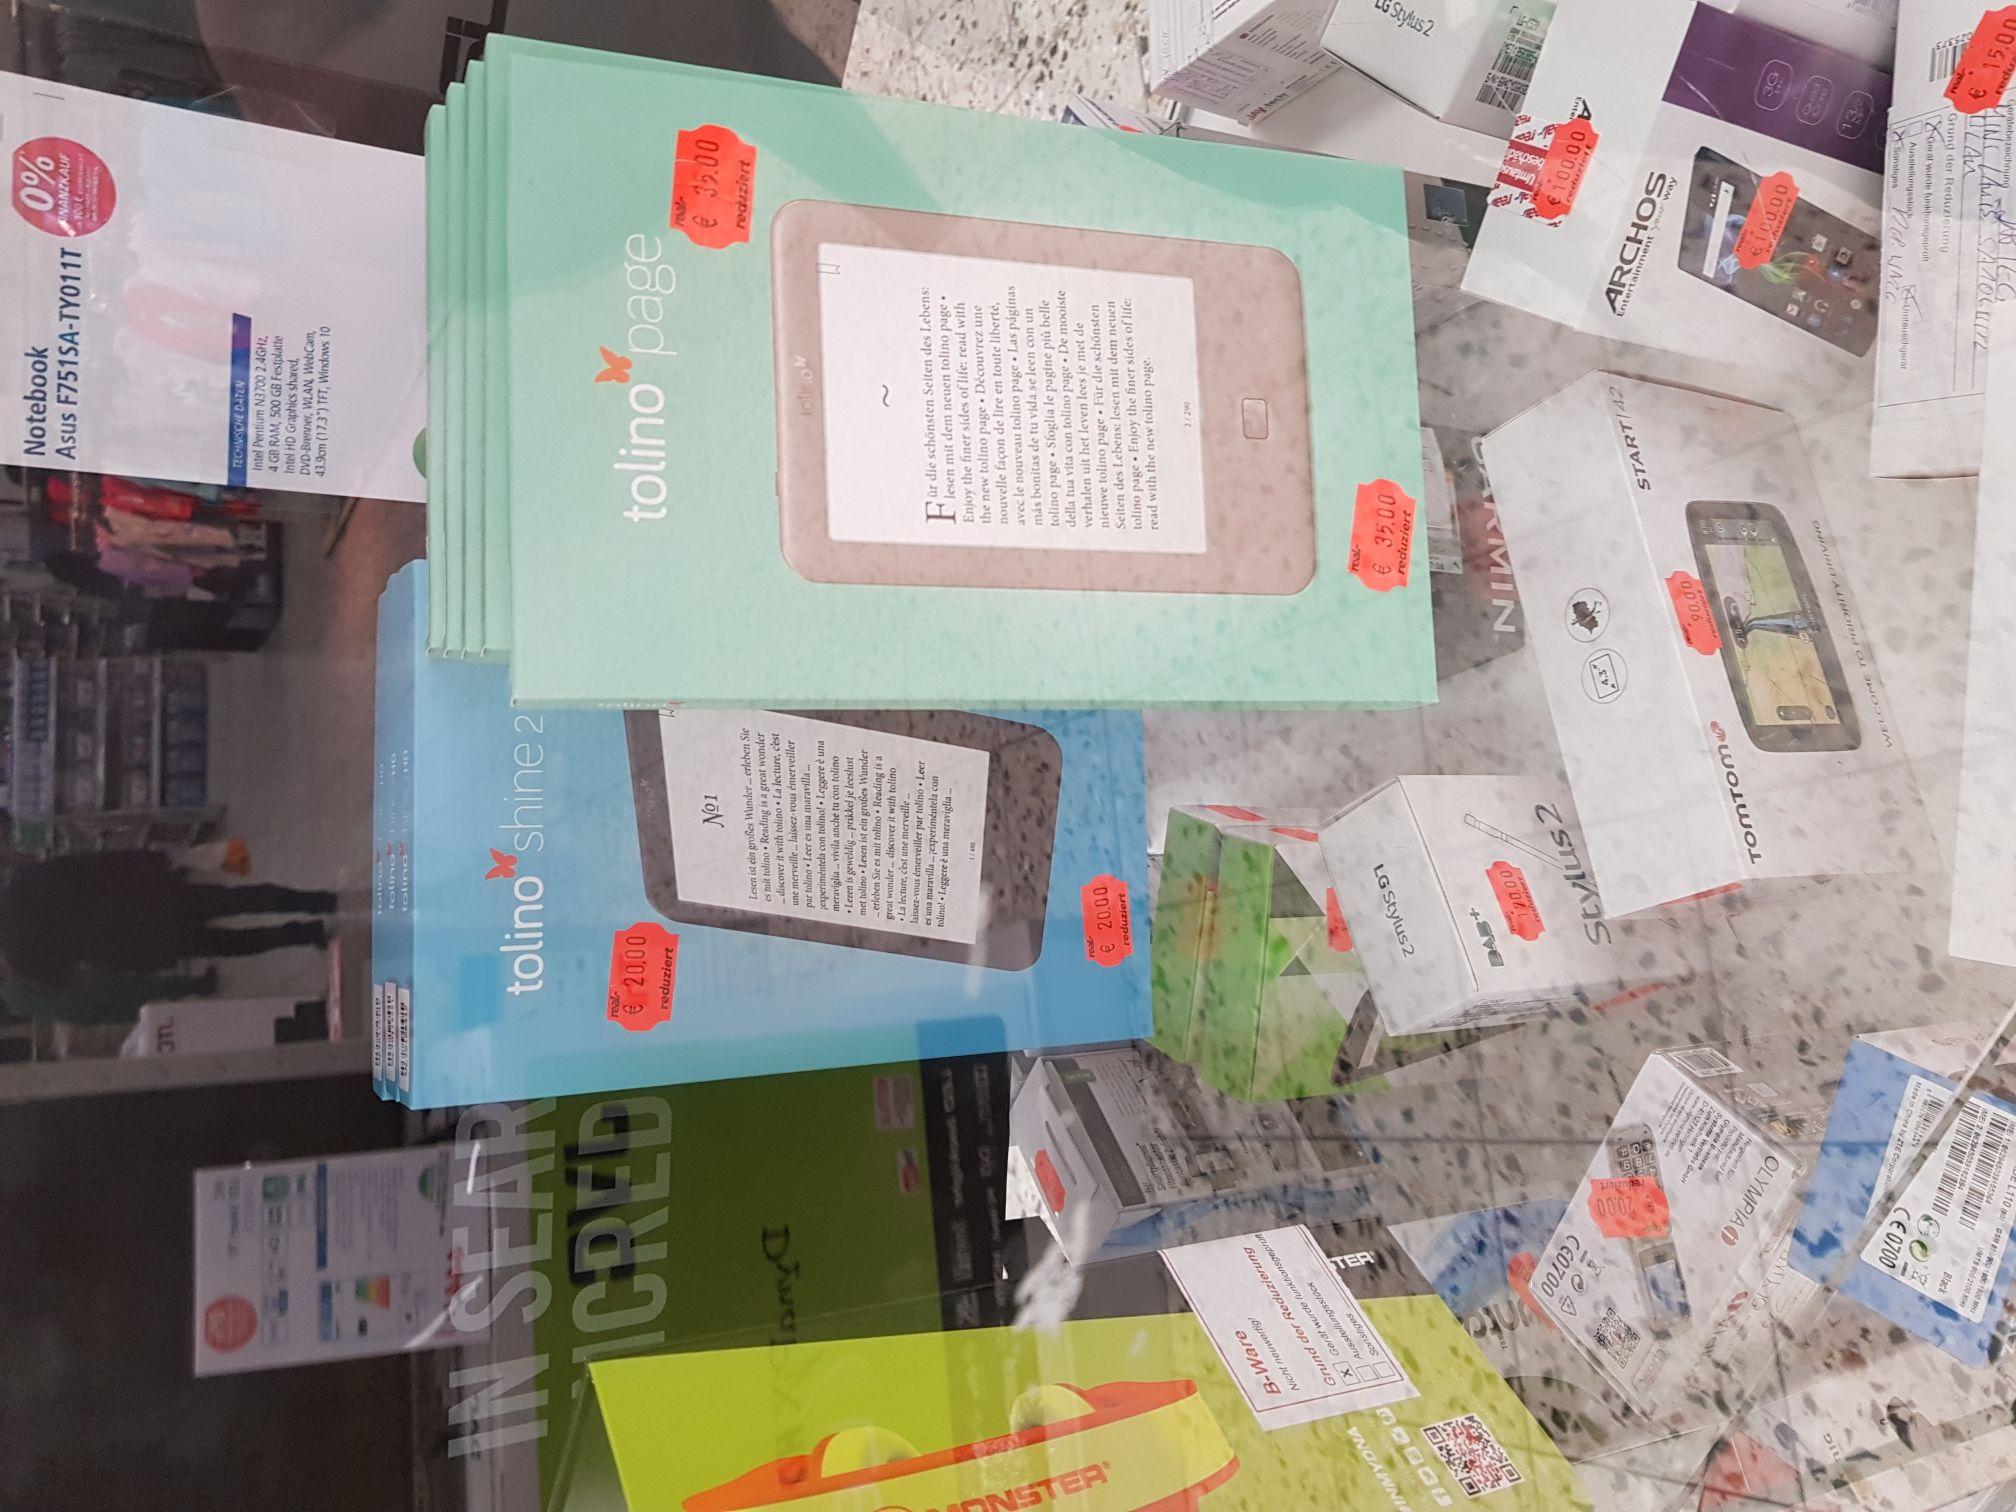 Lokal Real Siegen E-Book Reader Tolino Shine 2HD und Tolino Page